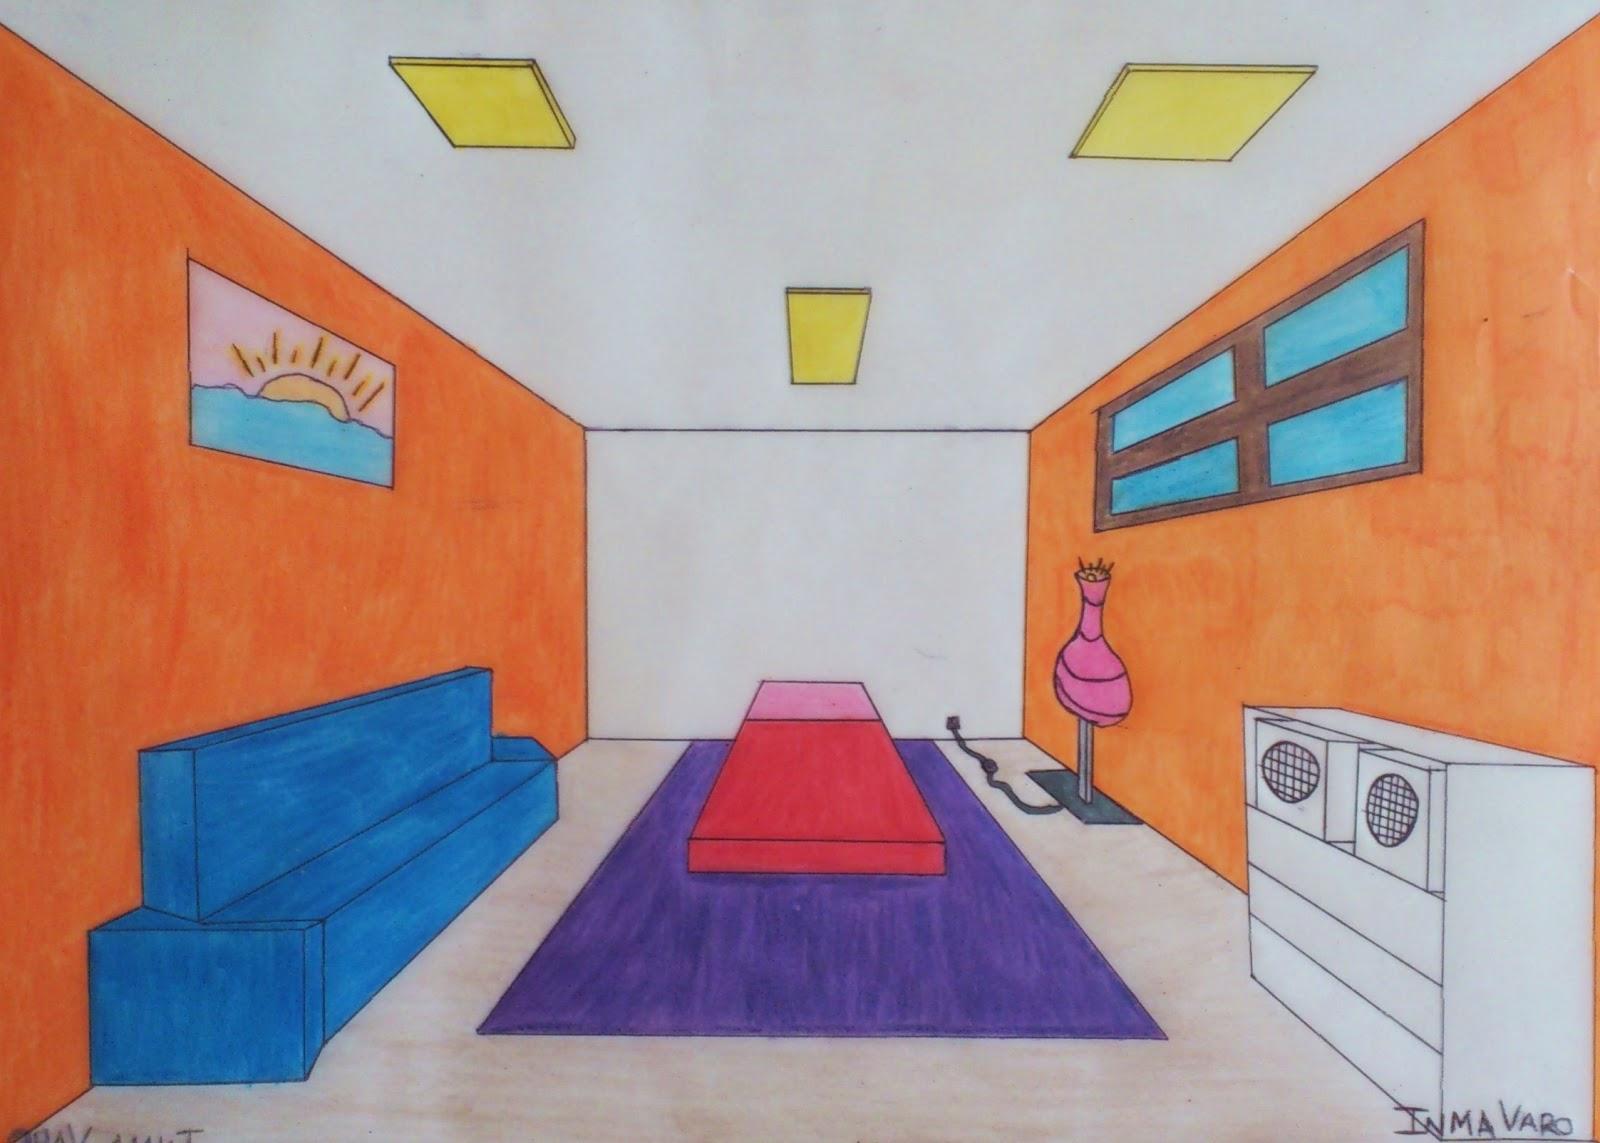 Perspectiva conica central - Habitacion en perspectiva conica ...